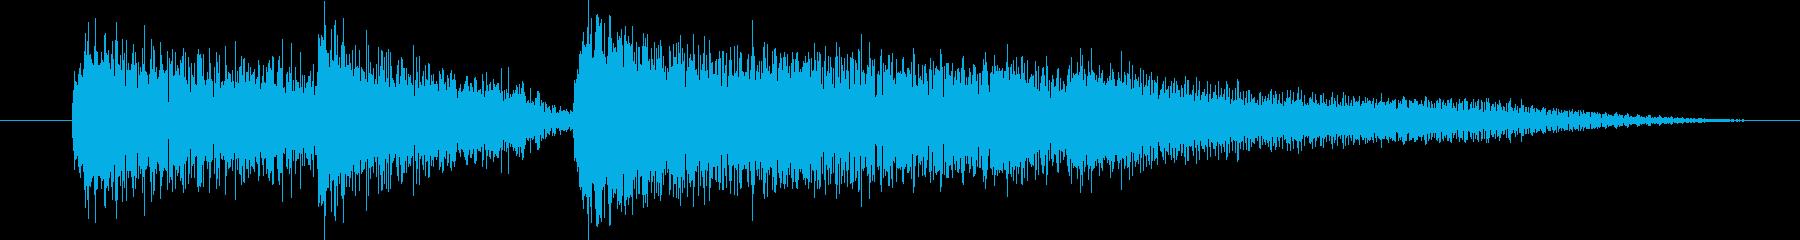 ピアノ演奏/CM前、天気予報前のジングルの再生済みの波形